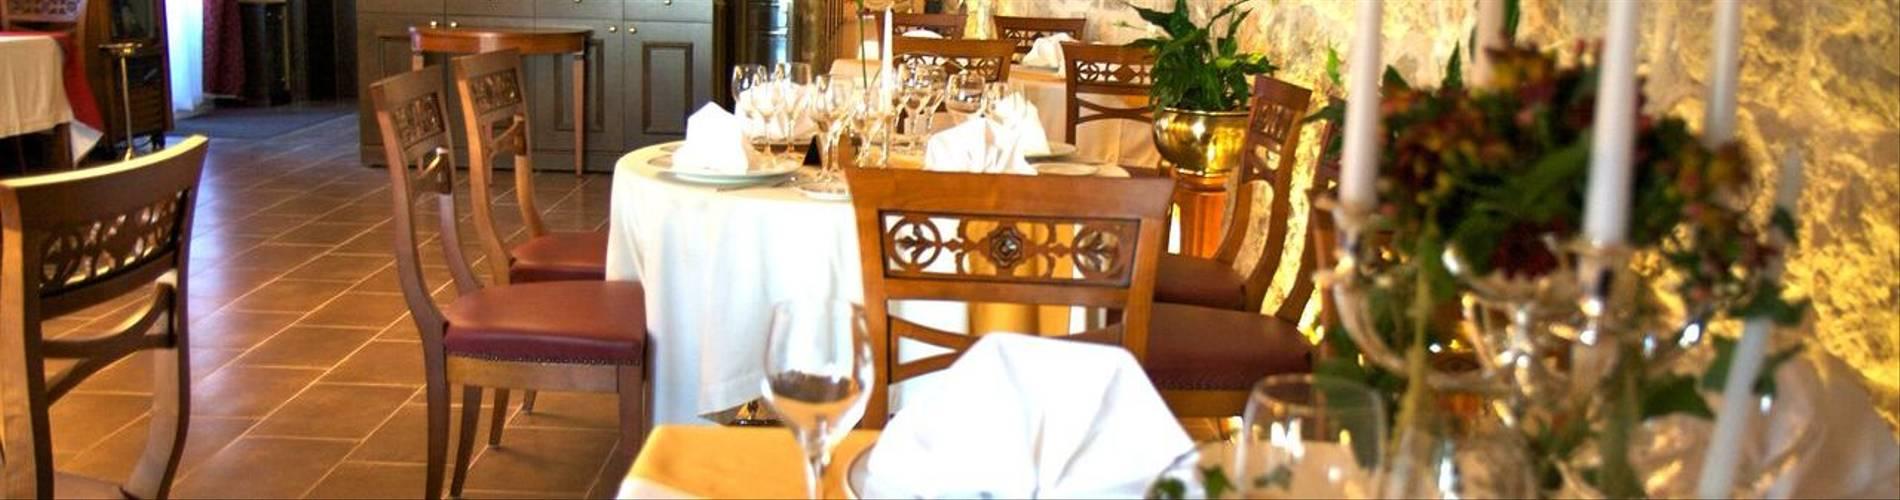 27 - Kazbek restaurant.jpg